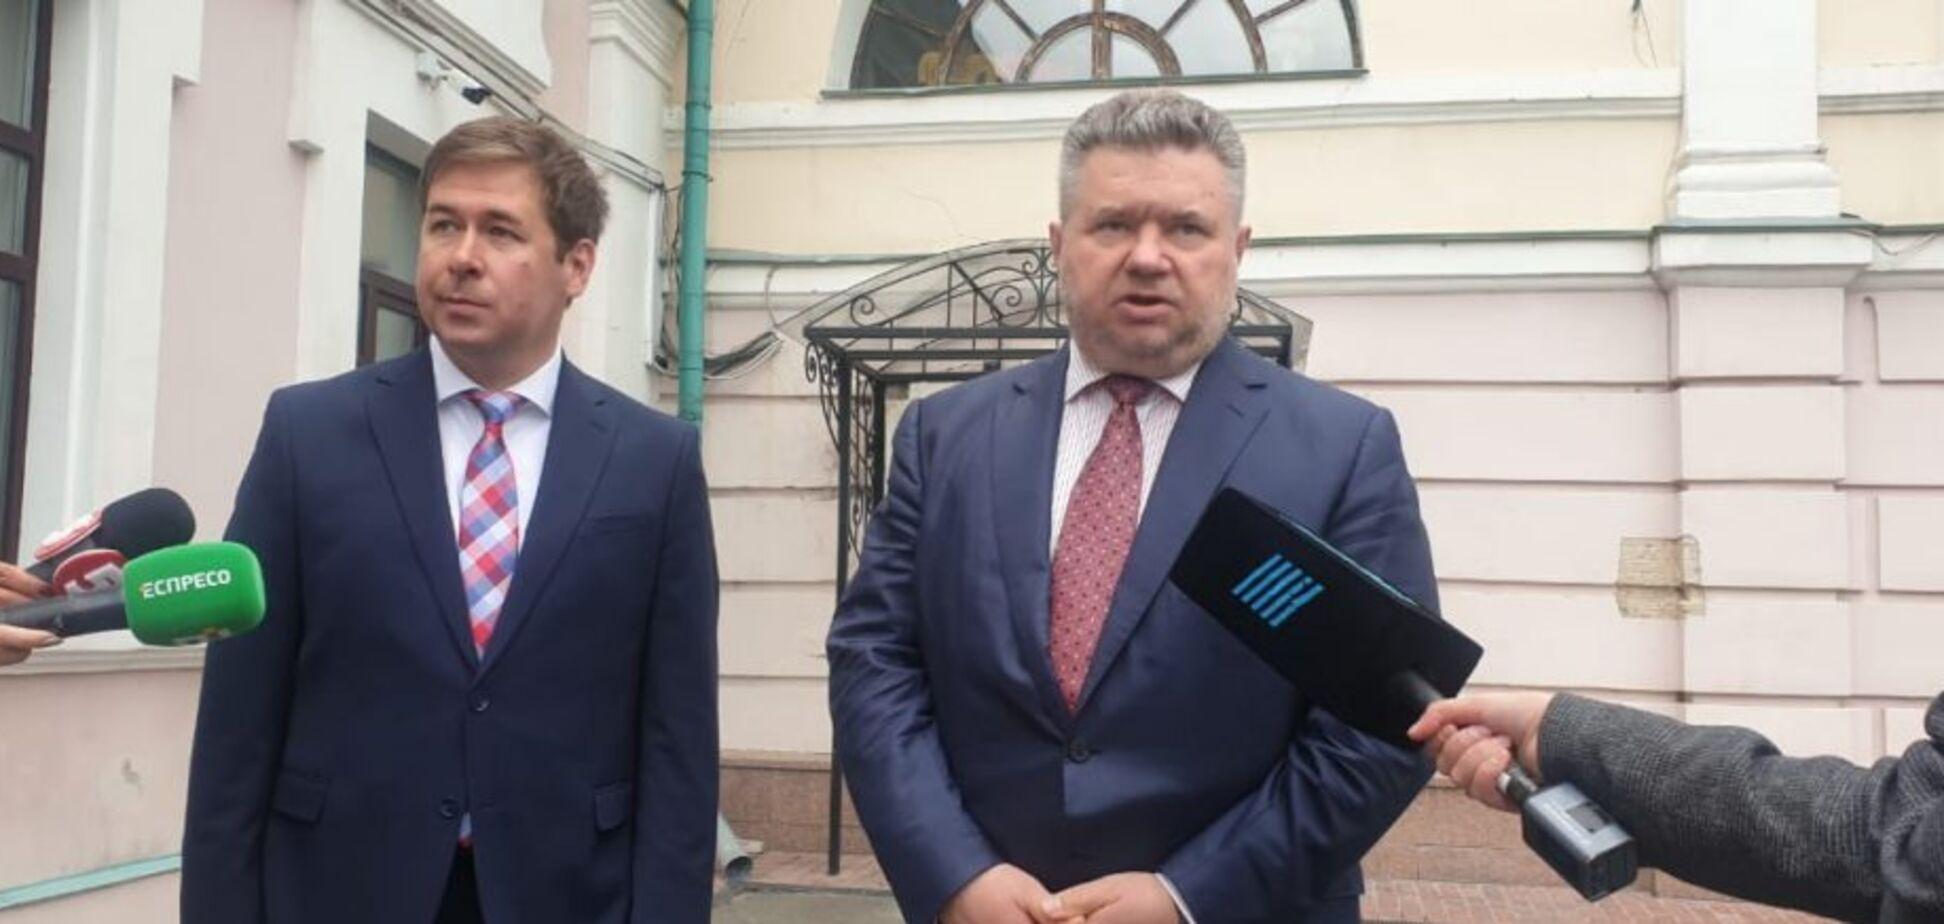 Адвокати повідомили про закриття кримінальних проваджень проти Байдена і Порошенка